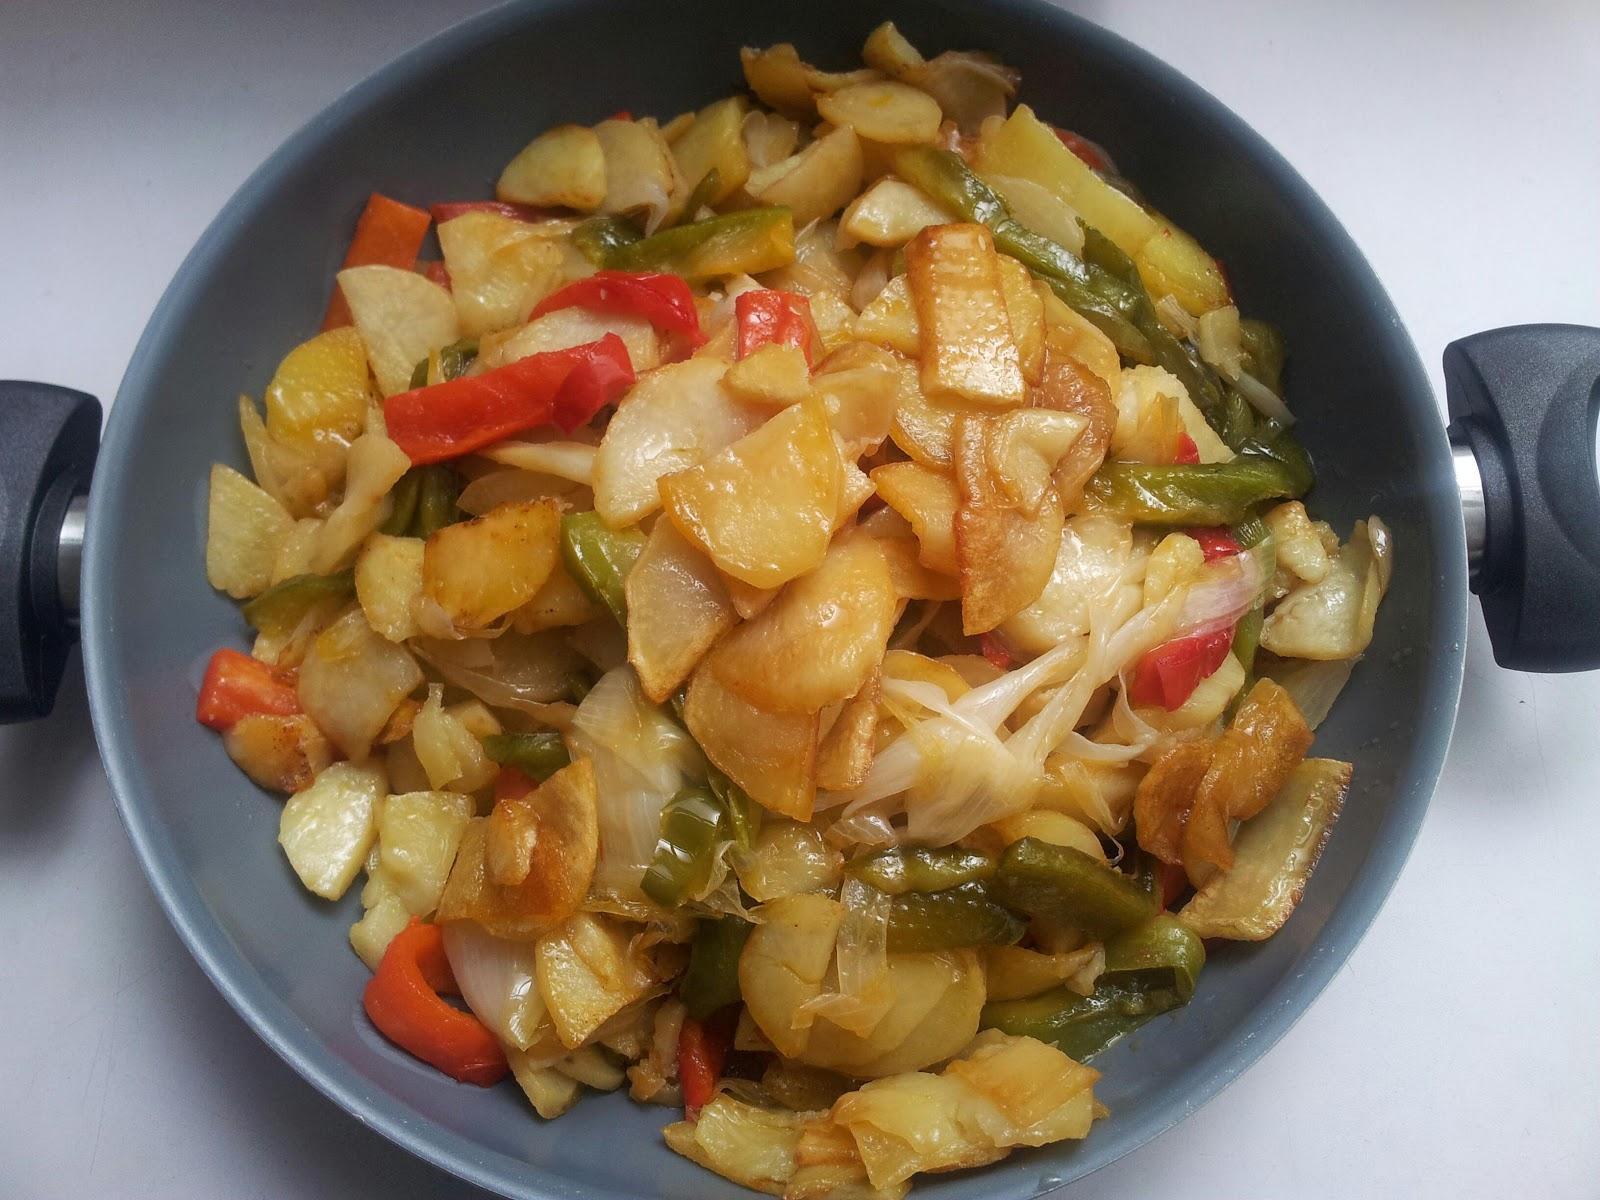 La cocina de beli y su pinche patatas a lo pobre for Cocinar patatas a lo pobre